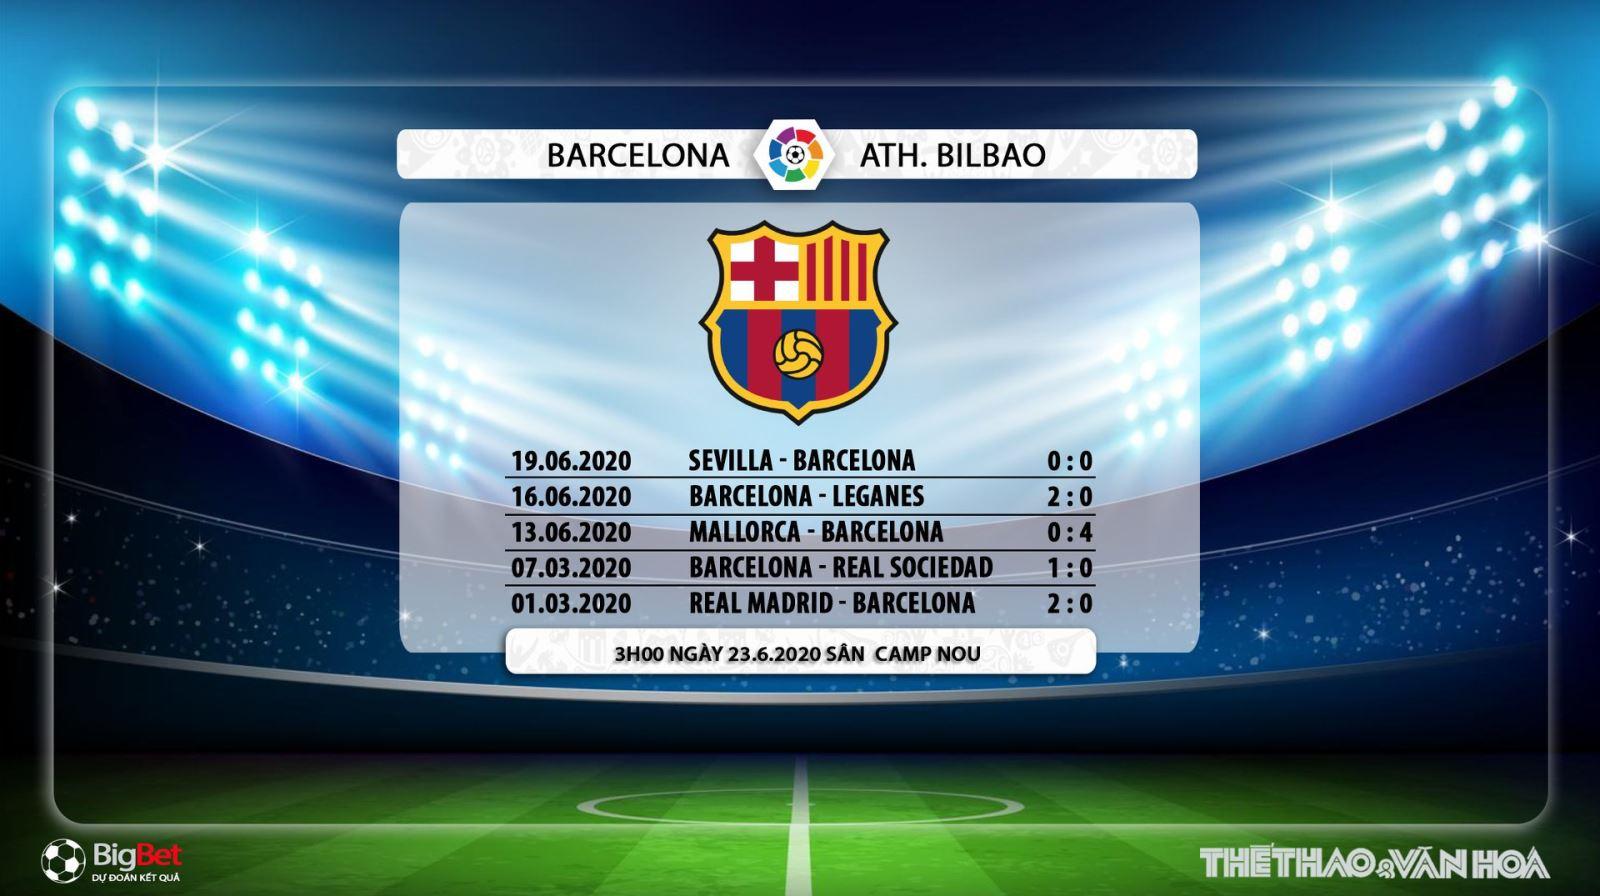 Barcelona vs Athletic Bilbao, Barca, Athletic Bilbao, soi kèo, kèo bóng đá, trực tiếp bóng đá, bóng đá, lịch thi đấu, La Liga